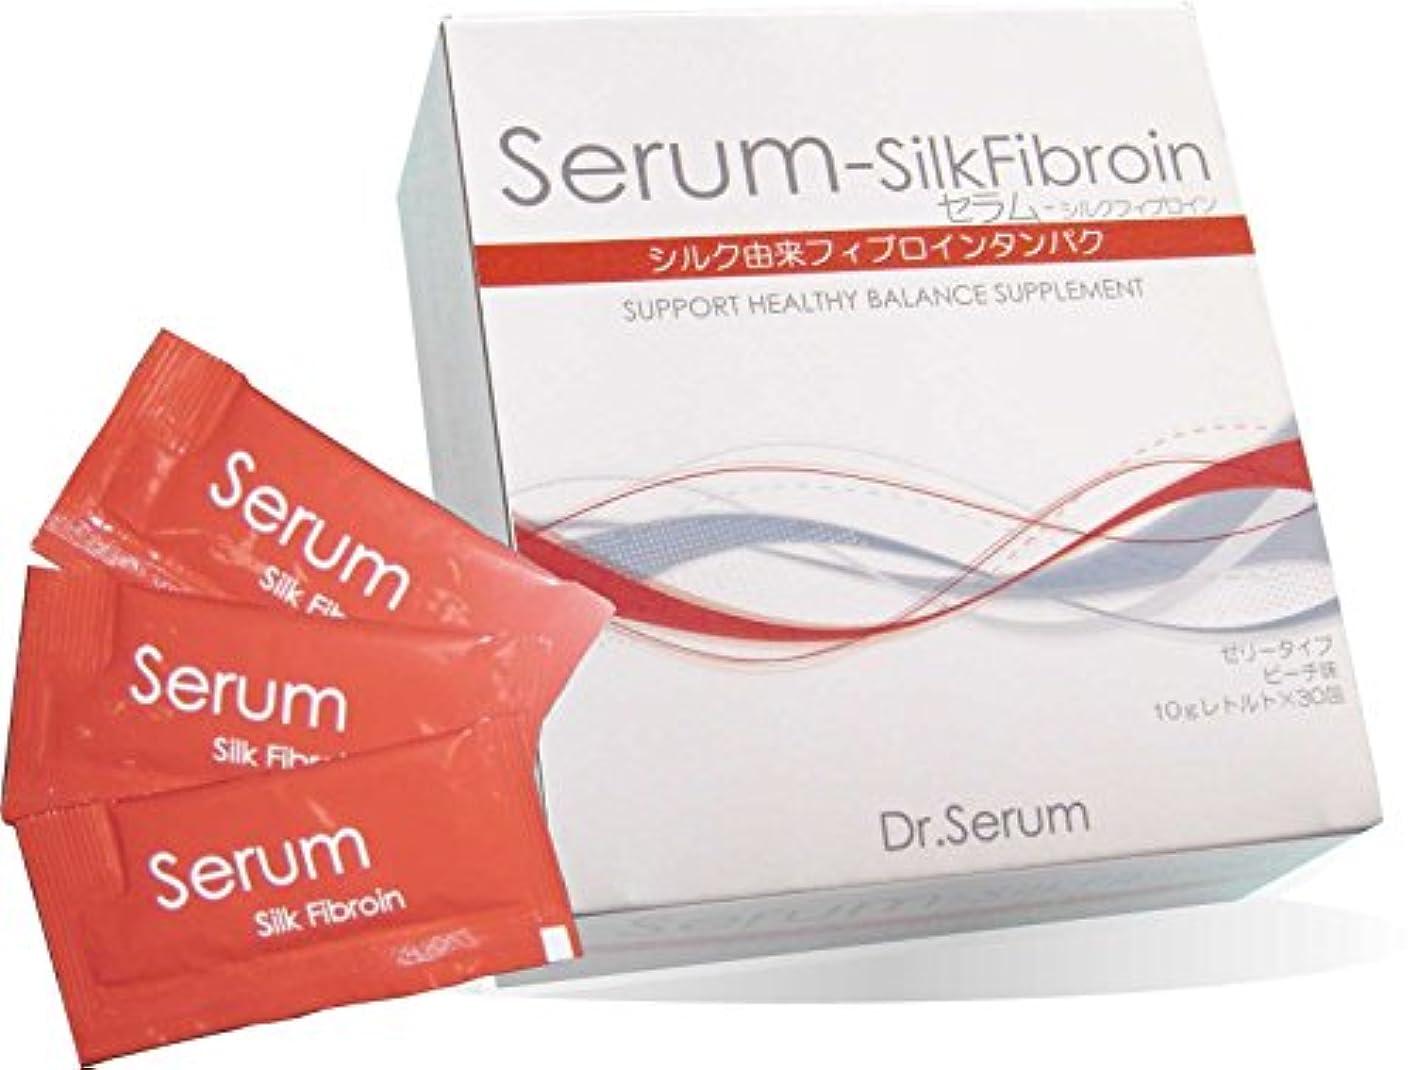 組み合わせロシア侮辱【Silk Fibroin】セラム-シルクフィブロイン 10g×30包×3箱セット 特許取得の食べるシルクダイエット